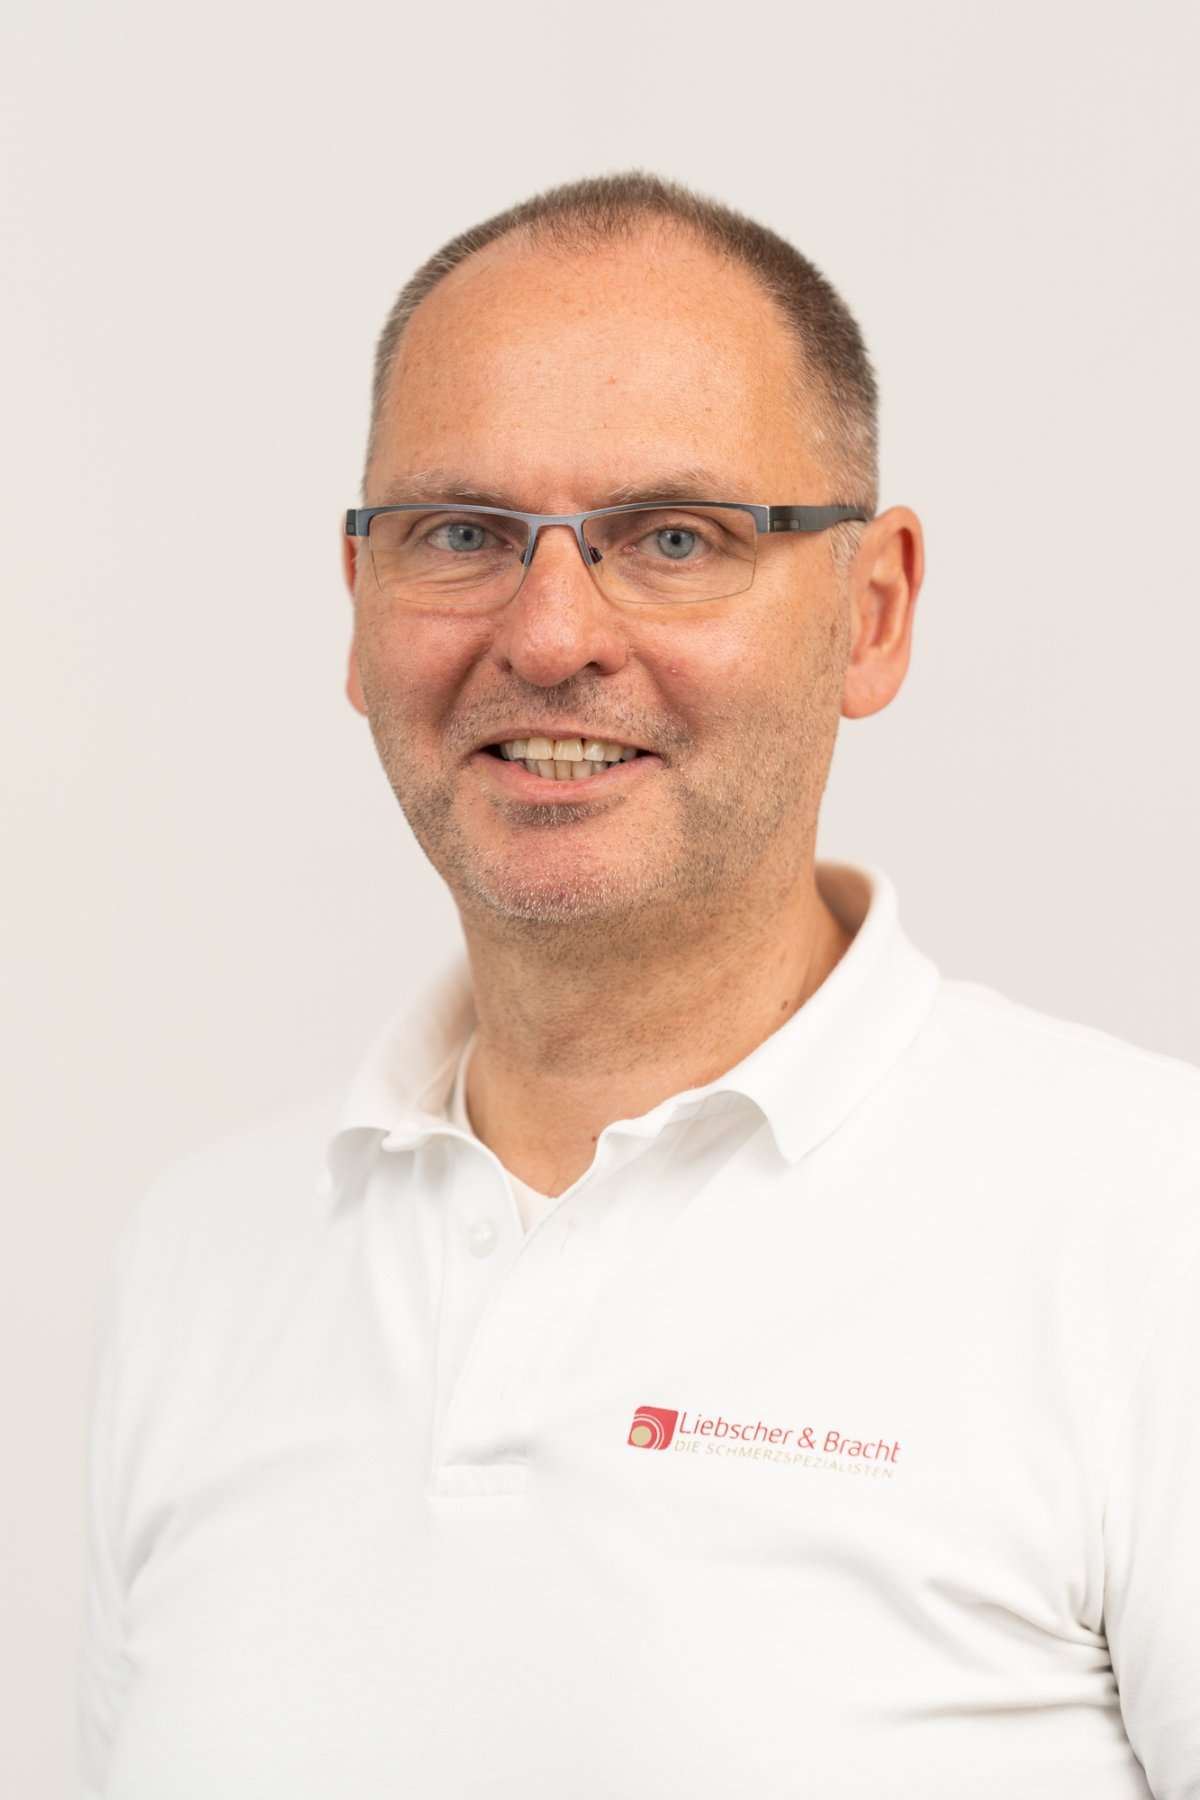 Das Foto zeigt den Heilpraktiker Jörg Kilian aus Illingen. Er wurde vor einem weißen Hintergrund fotografiert und trägt eine halbrandlose Brille sowie ein weißes Liebscher & Bracht Polo Shirt.